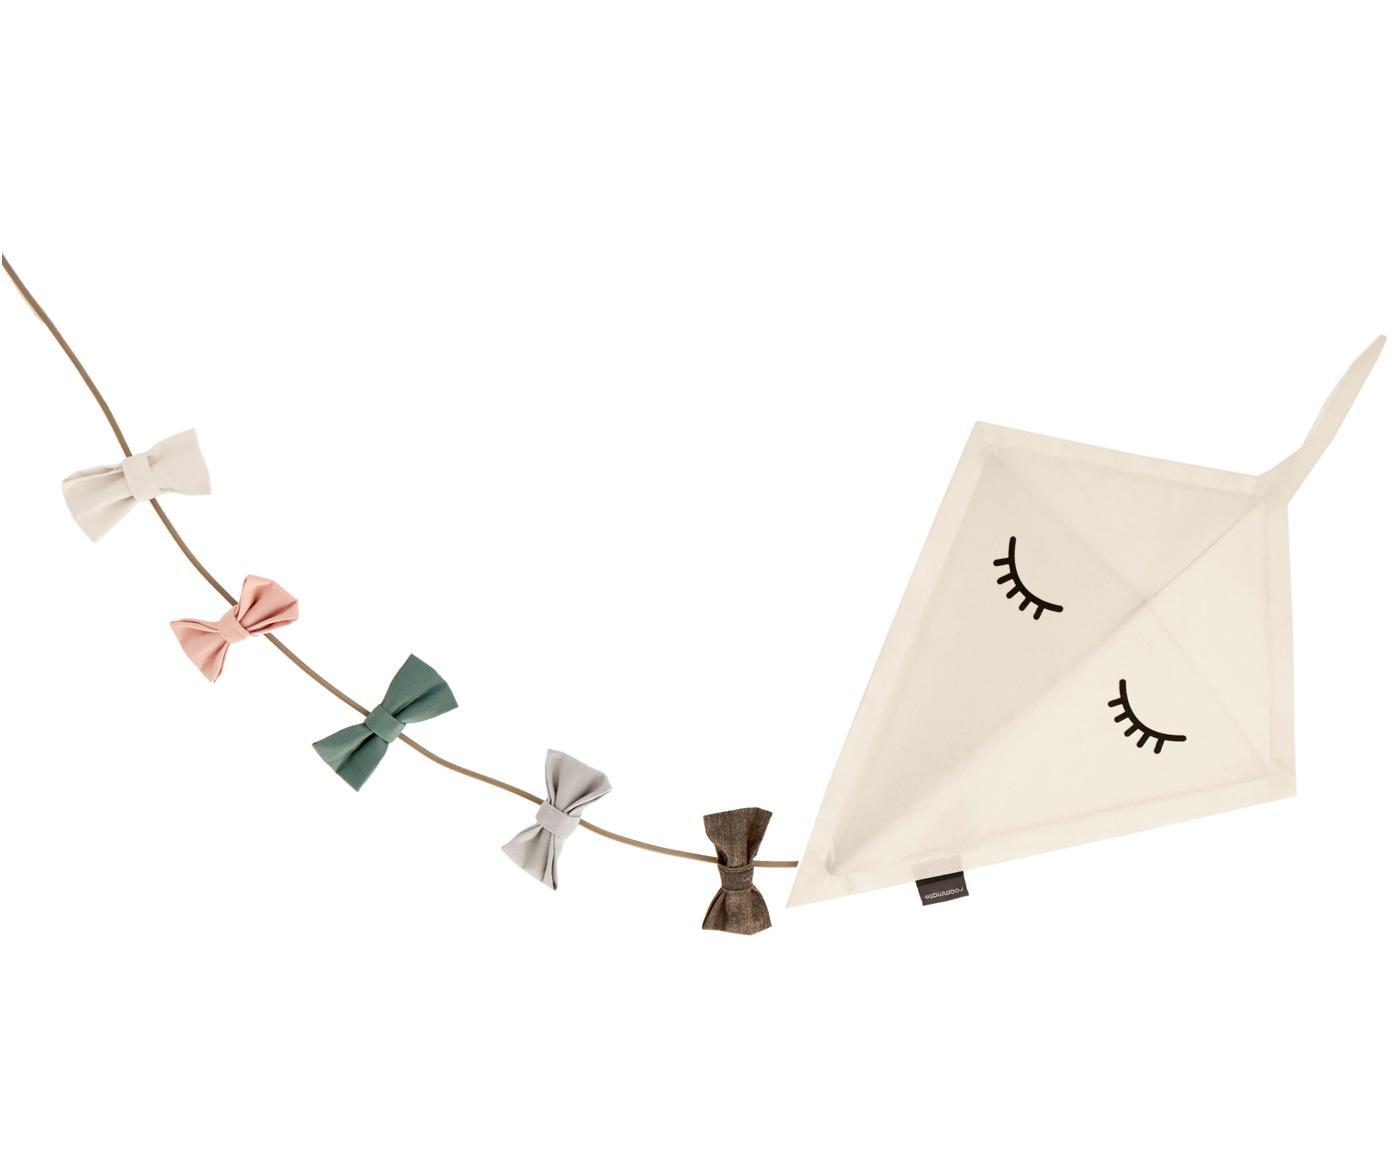 Kinkiet Kite z wtyczką, Tapicerka: filc, Stelaż: metal malowany proszkowo, Biały, wielobarwny, S 40 x W 52 cm